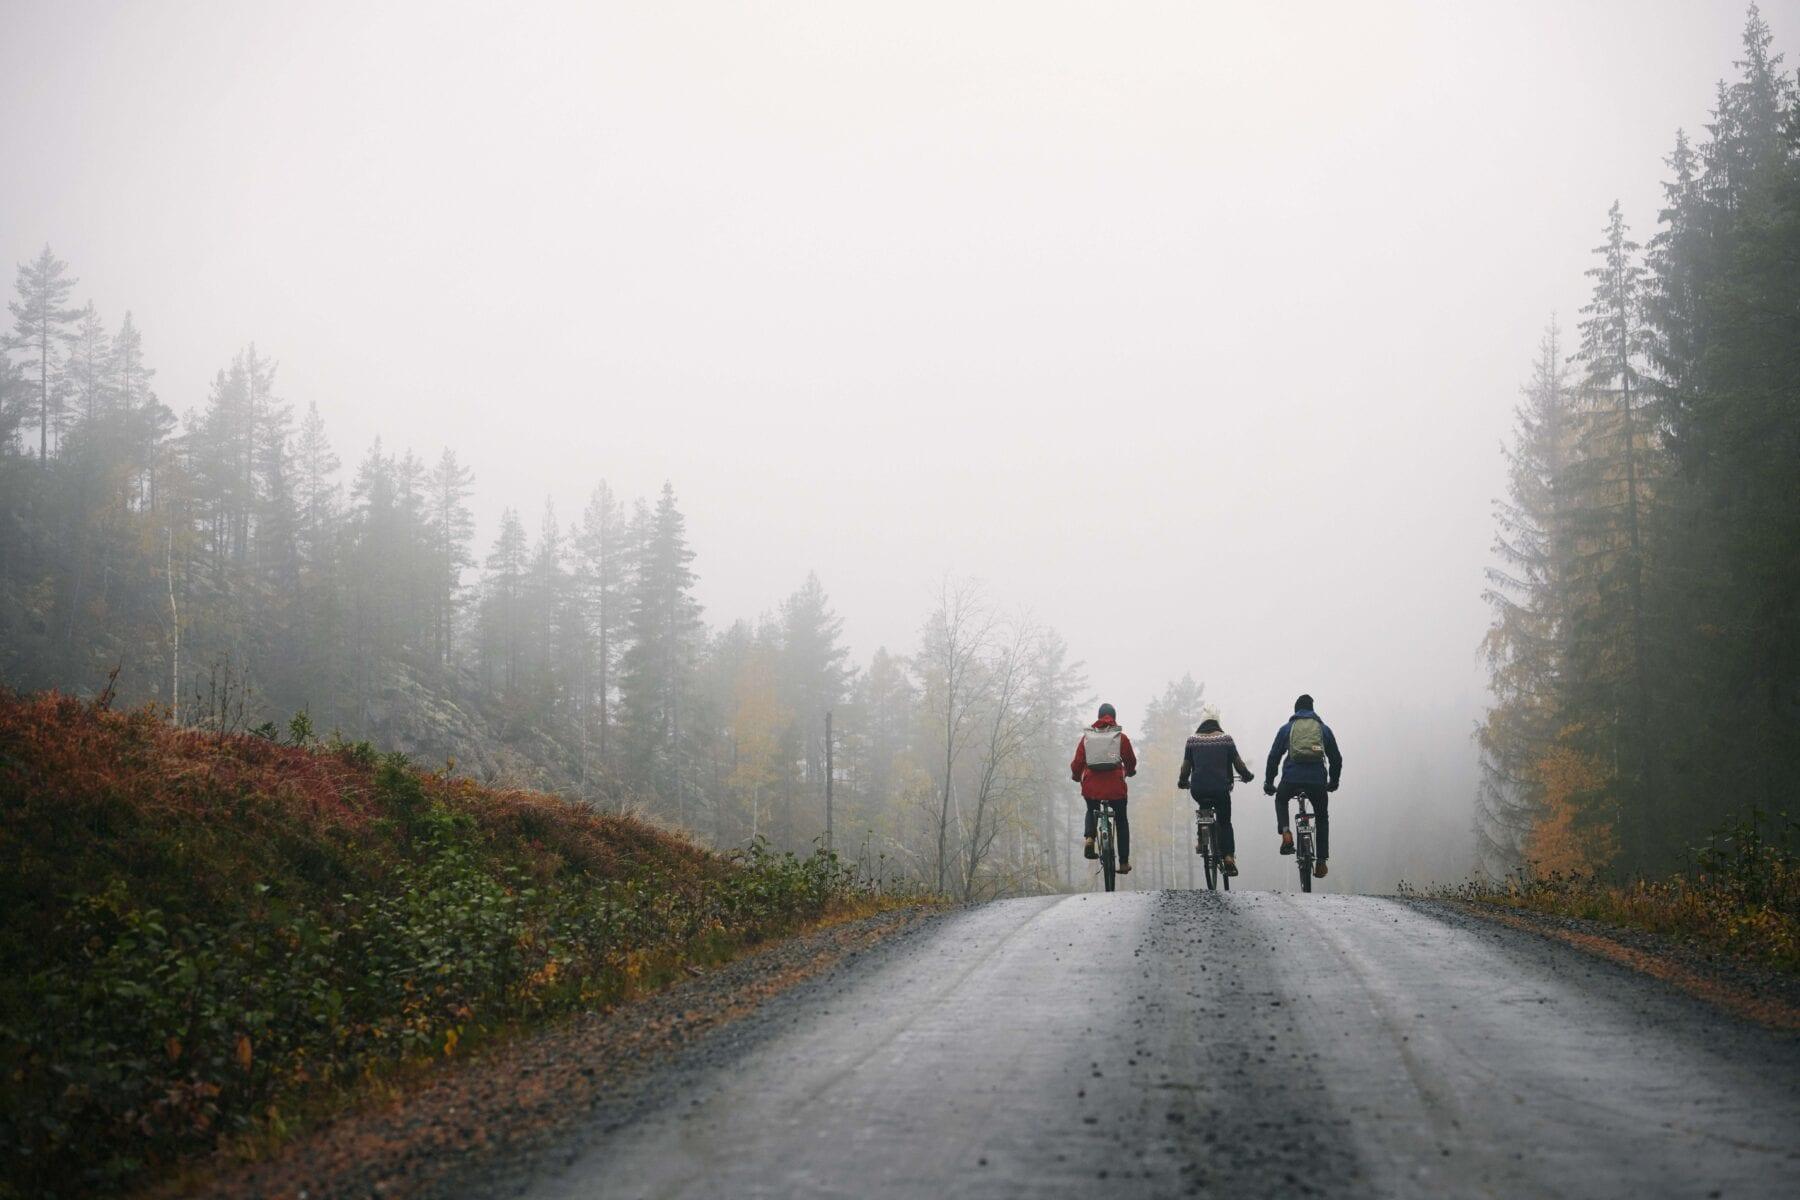 regenbroek op de fiets